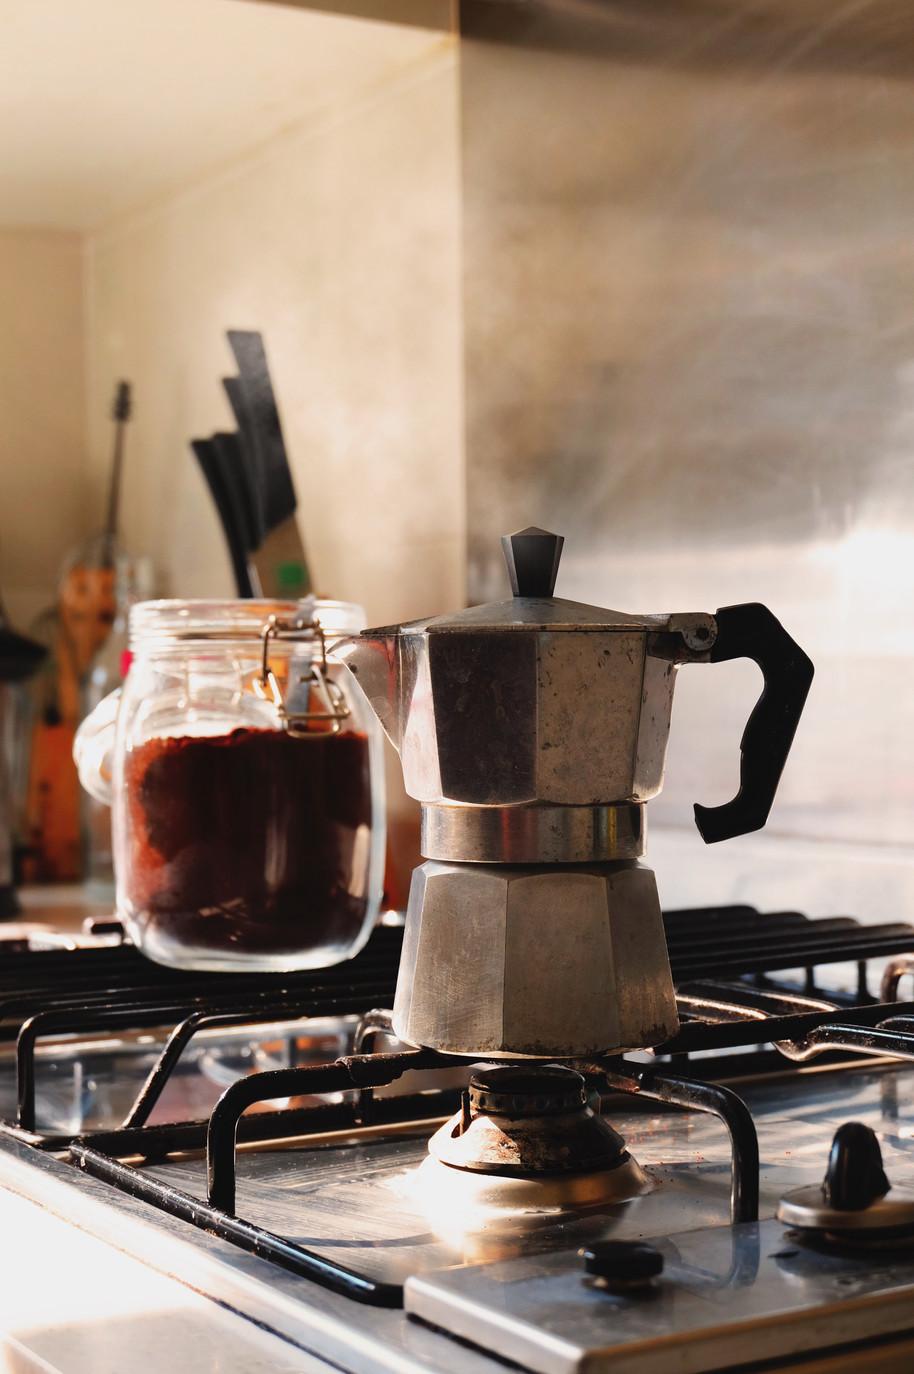 Pra finalizar os sete dias de Itália: Café!